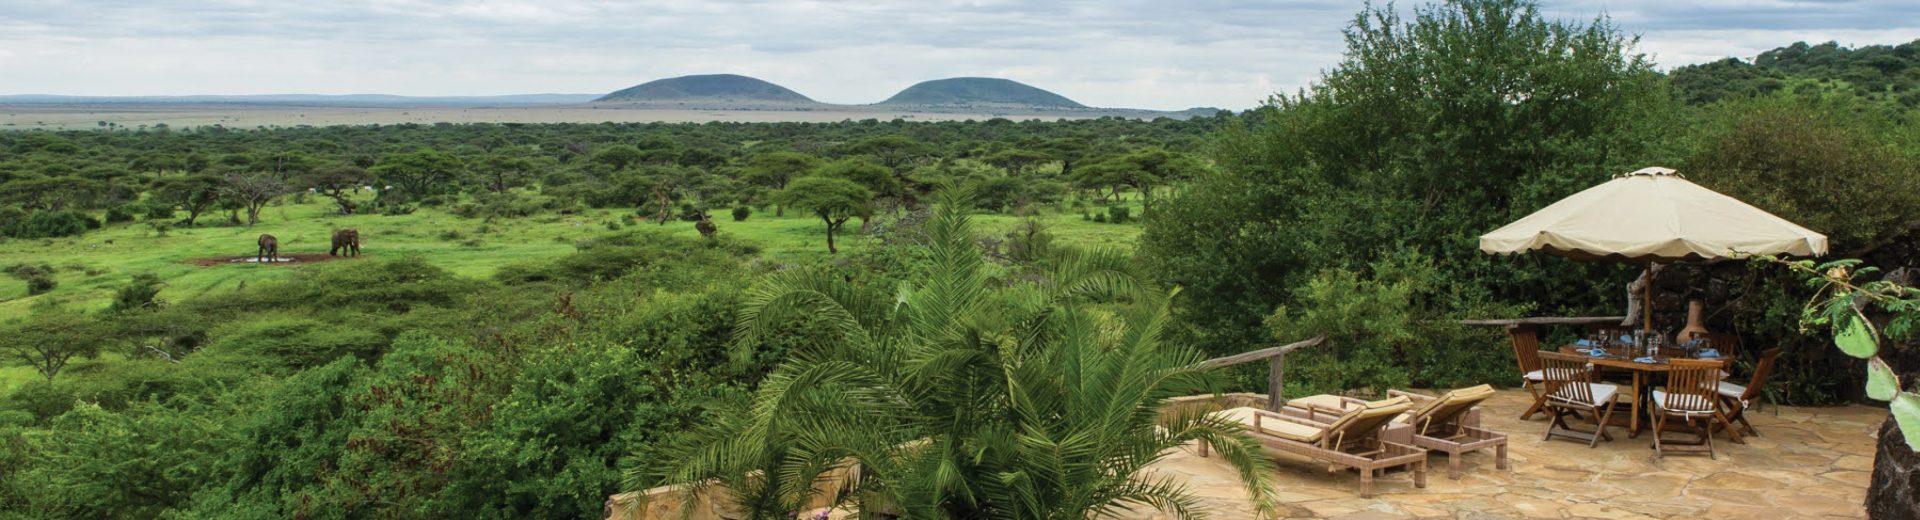 Kenya elephant safari ol donyo